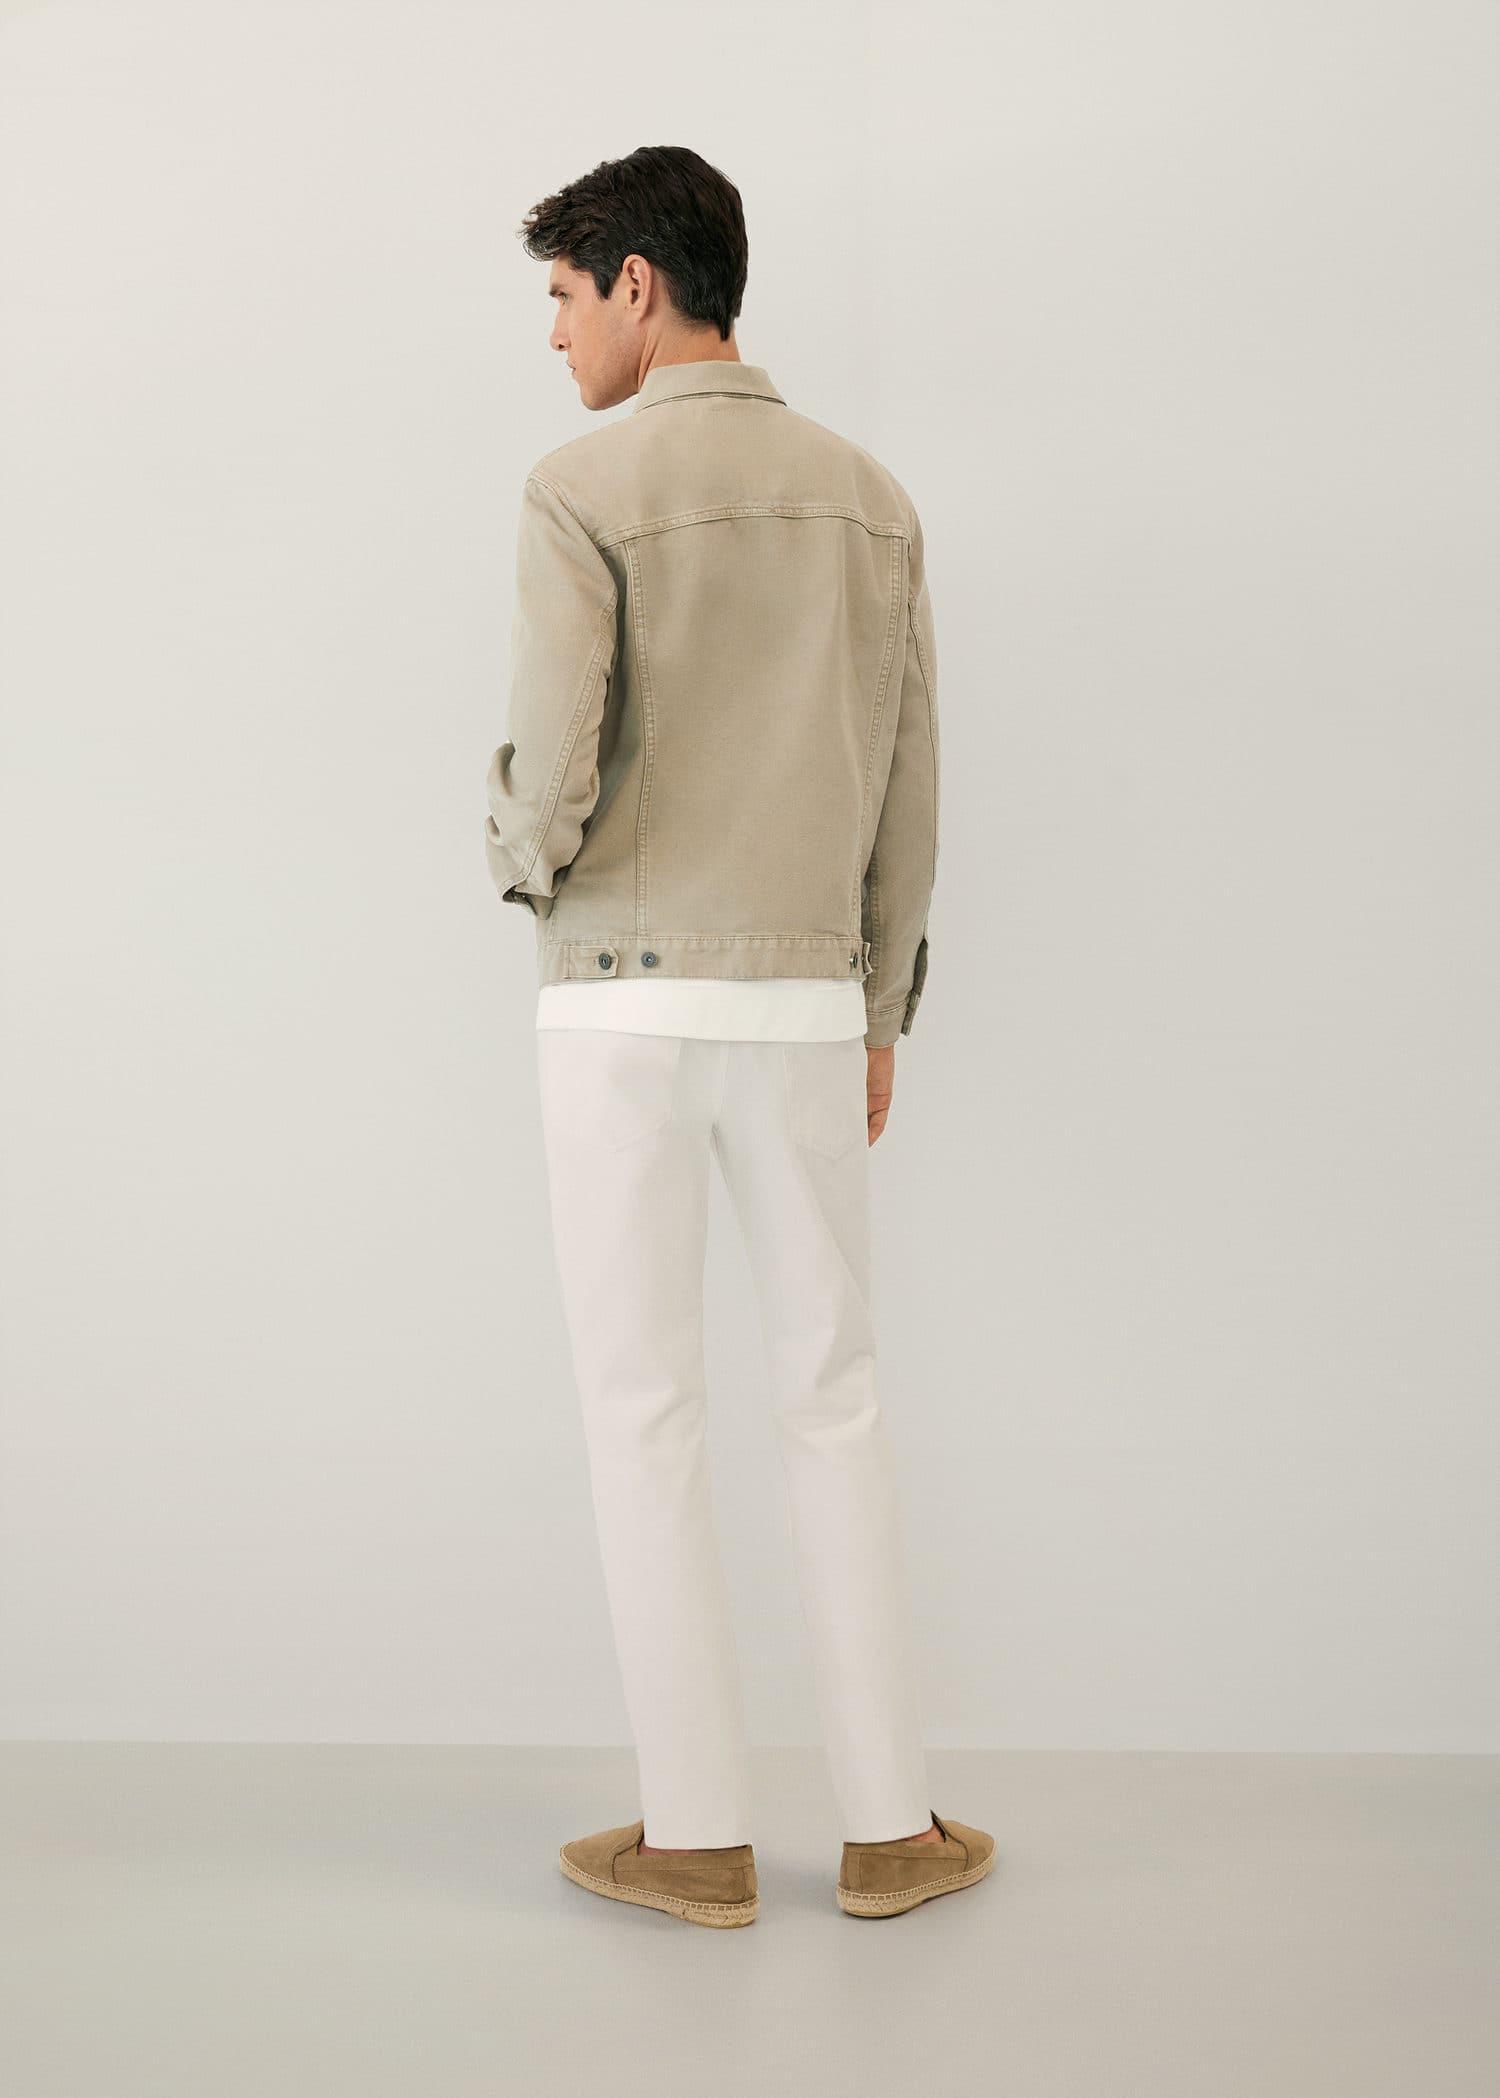 Beige spijkerjack Heren | Mango Man Nederland